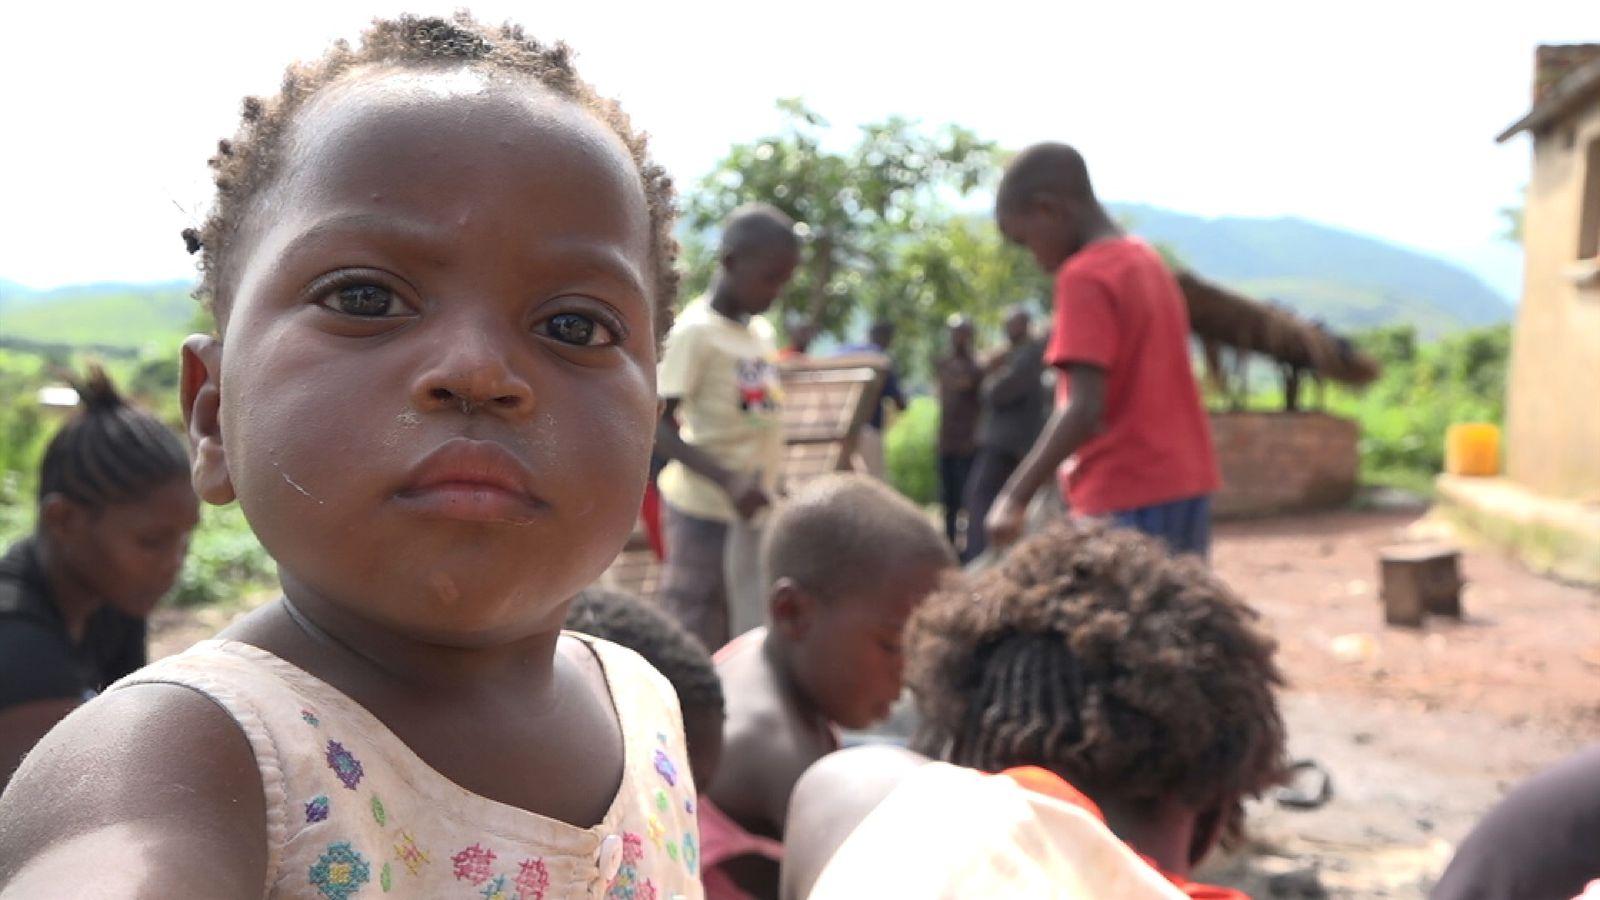 Η Μόνικα , 4 ετών , μαζεύει πέτρες με κοβάλτιο στα ορυχεία